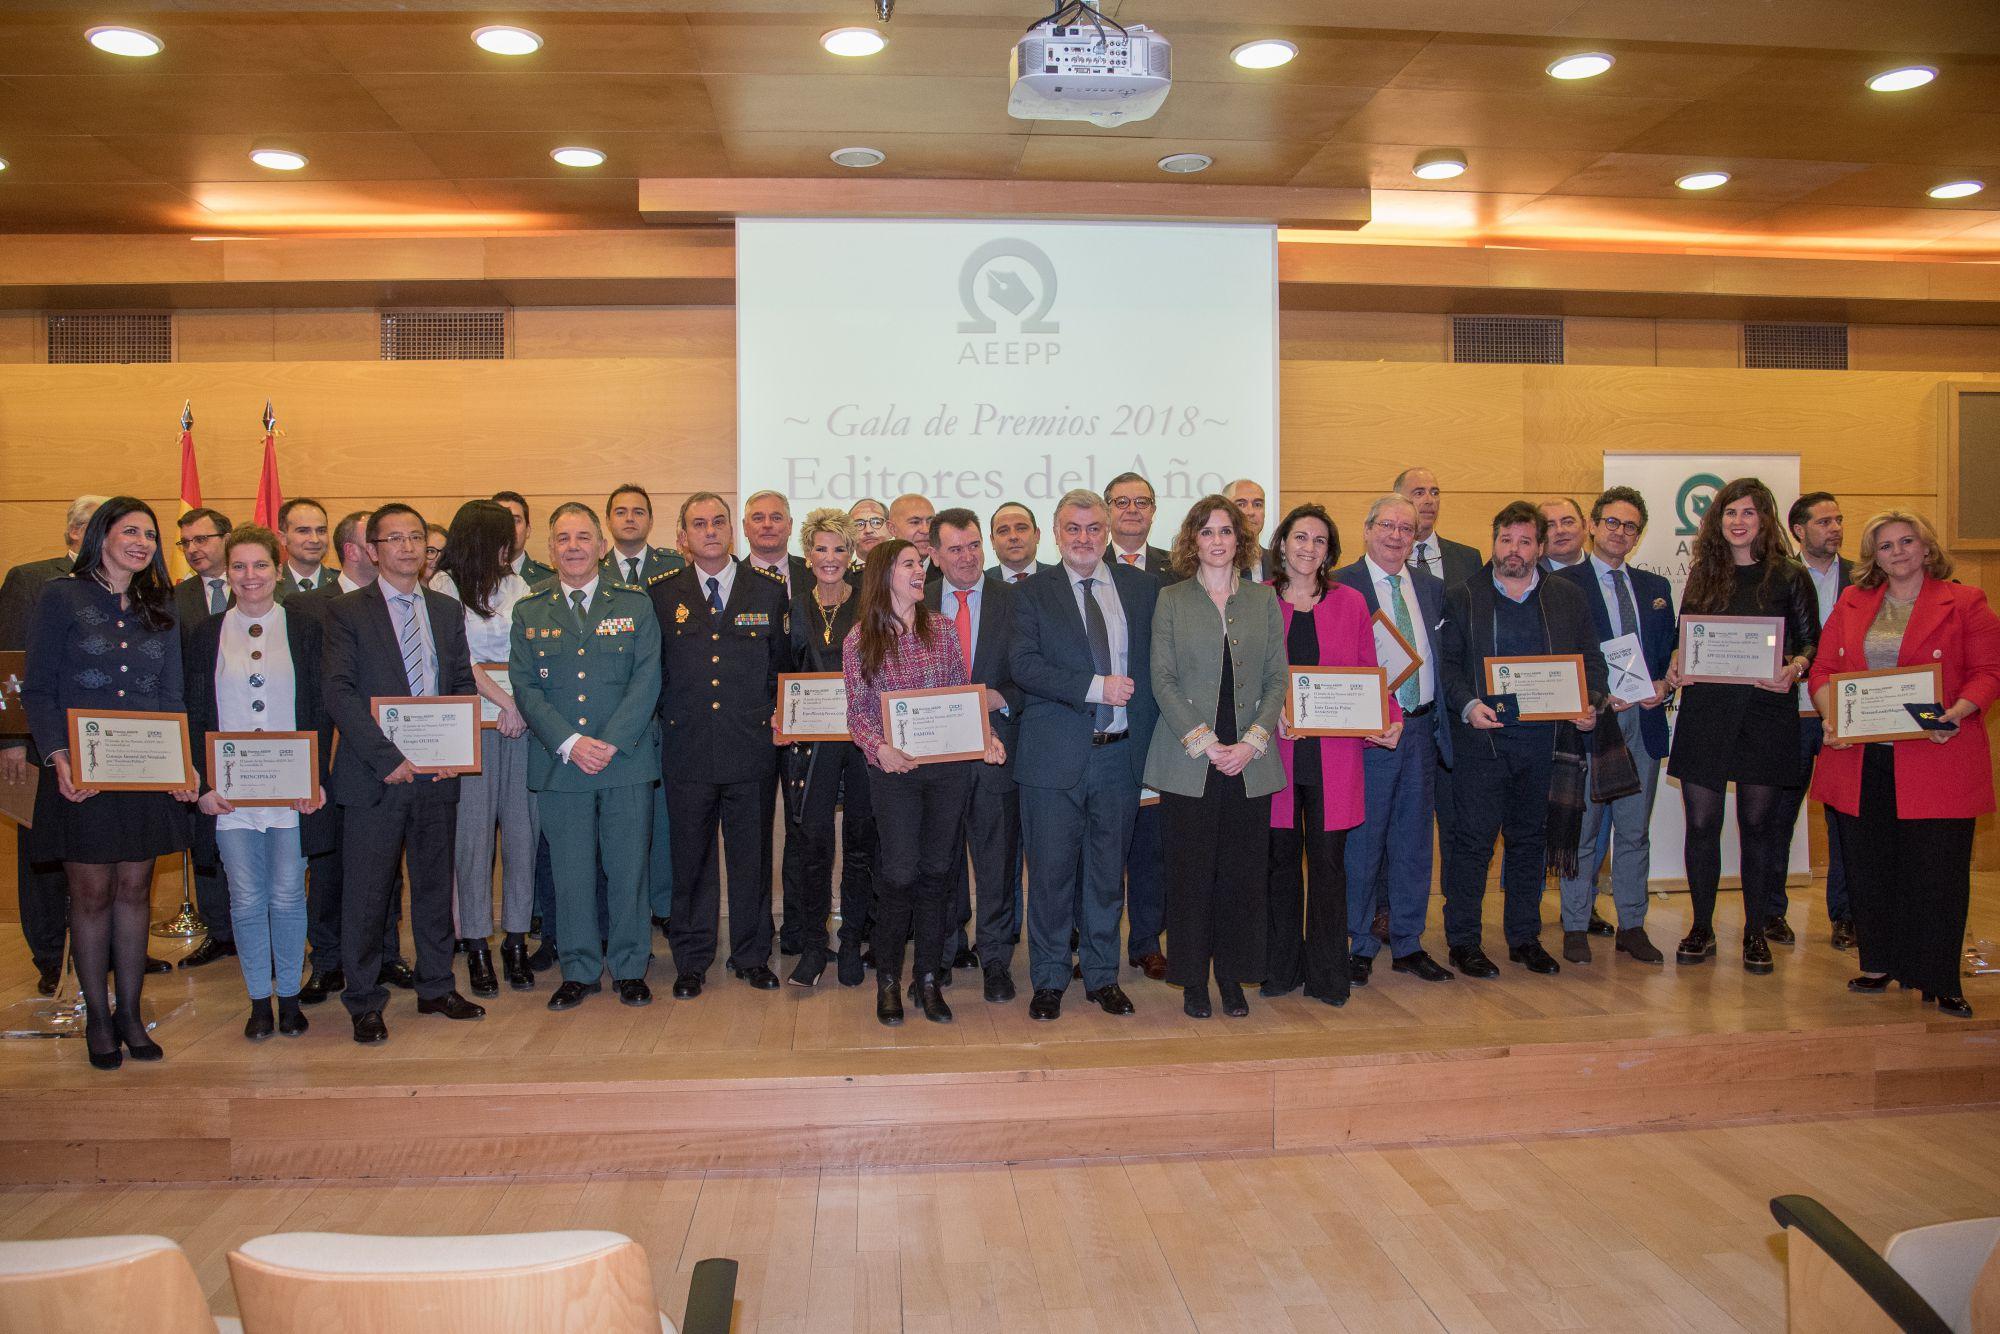 Foto de grupo de los premiados en la XII Edición 2018.